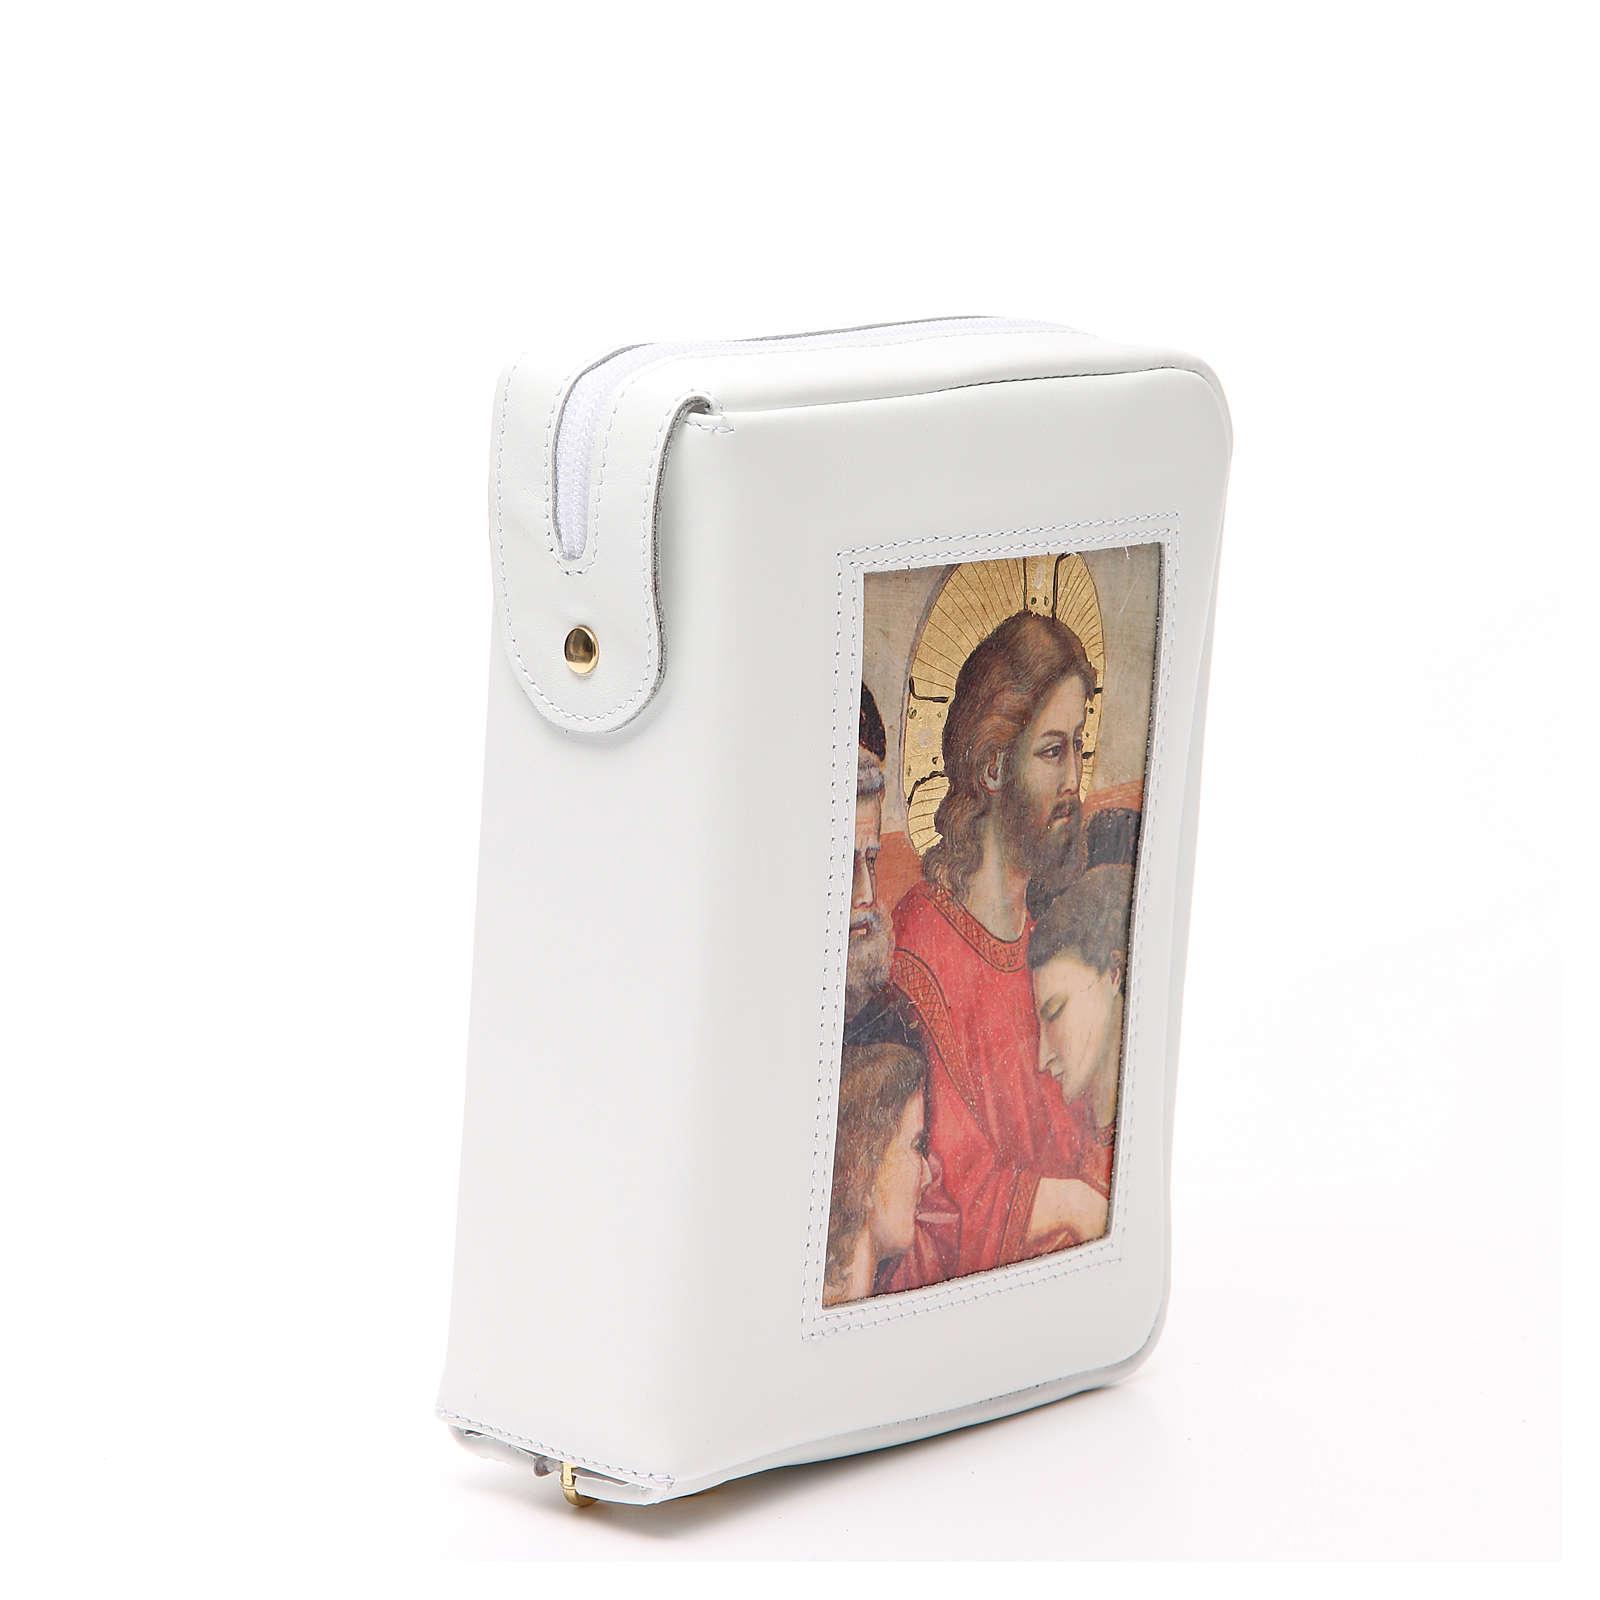 Cust. Bibbia Gerus. Ultima Cena Giotto bianca Pictografia 4